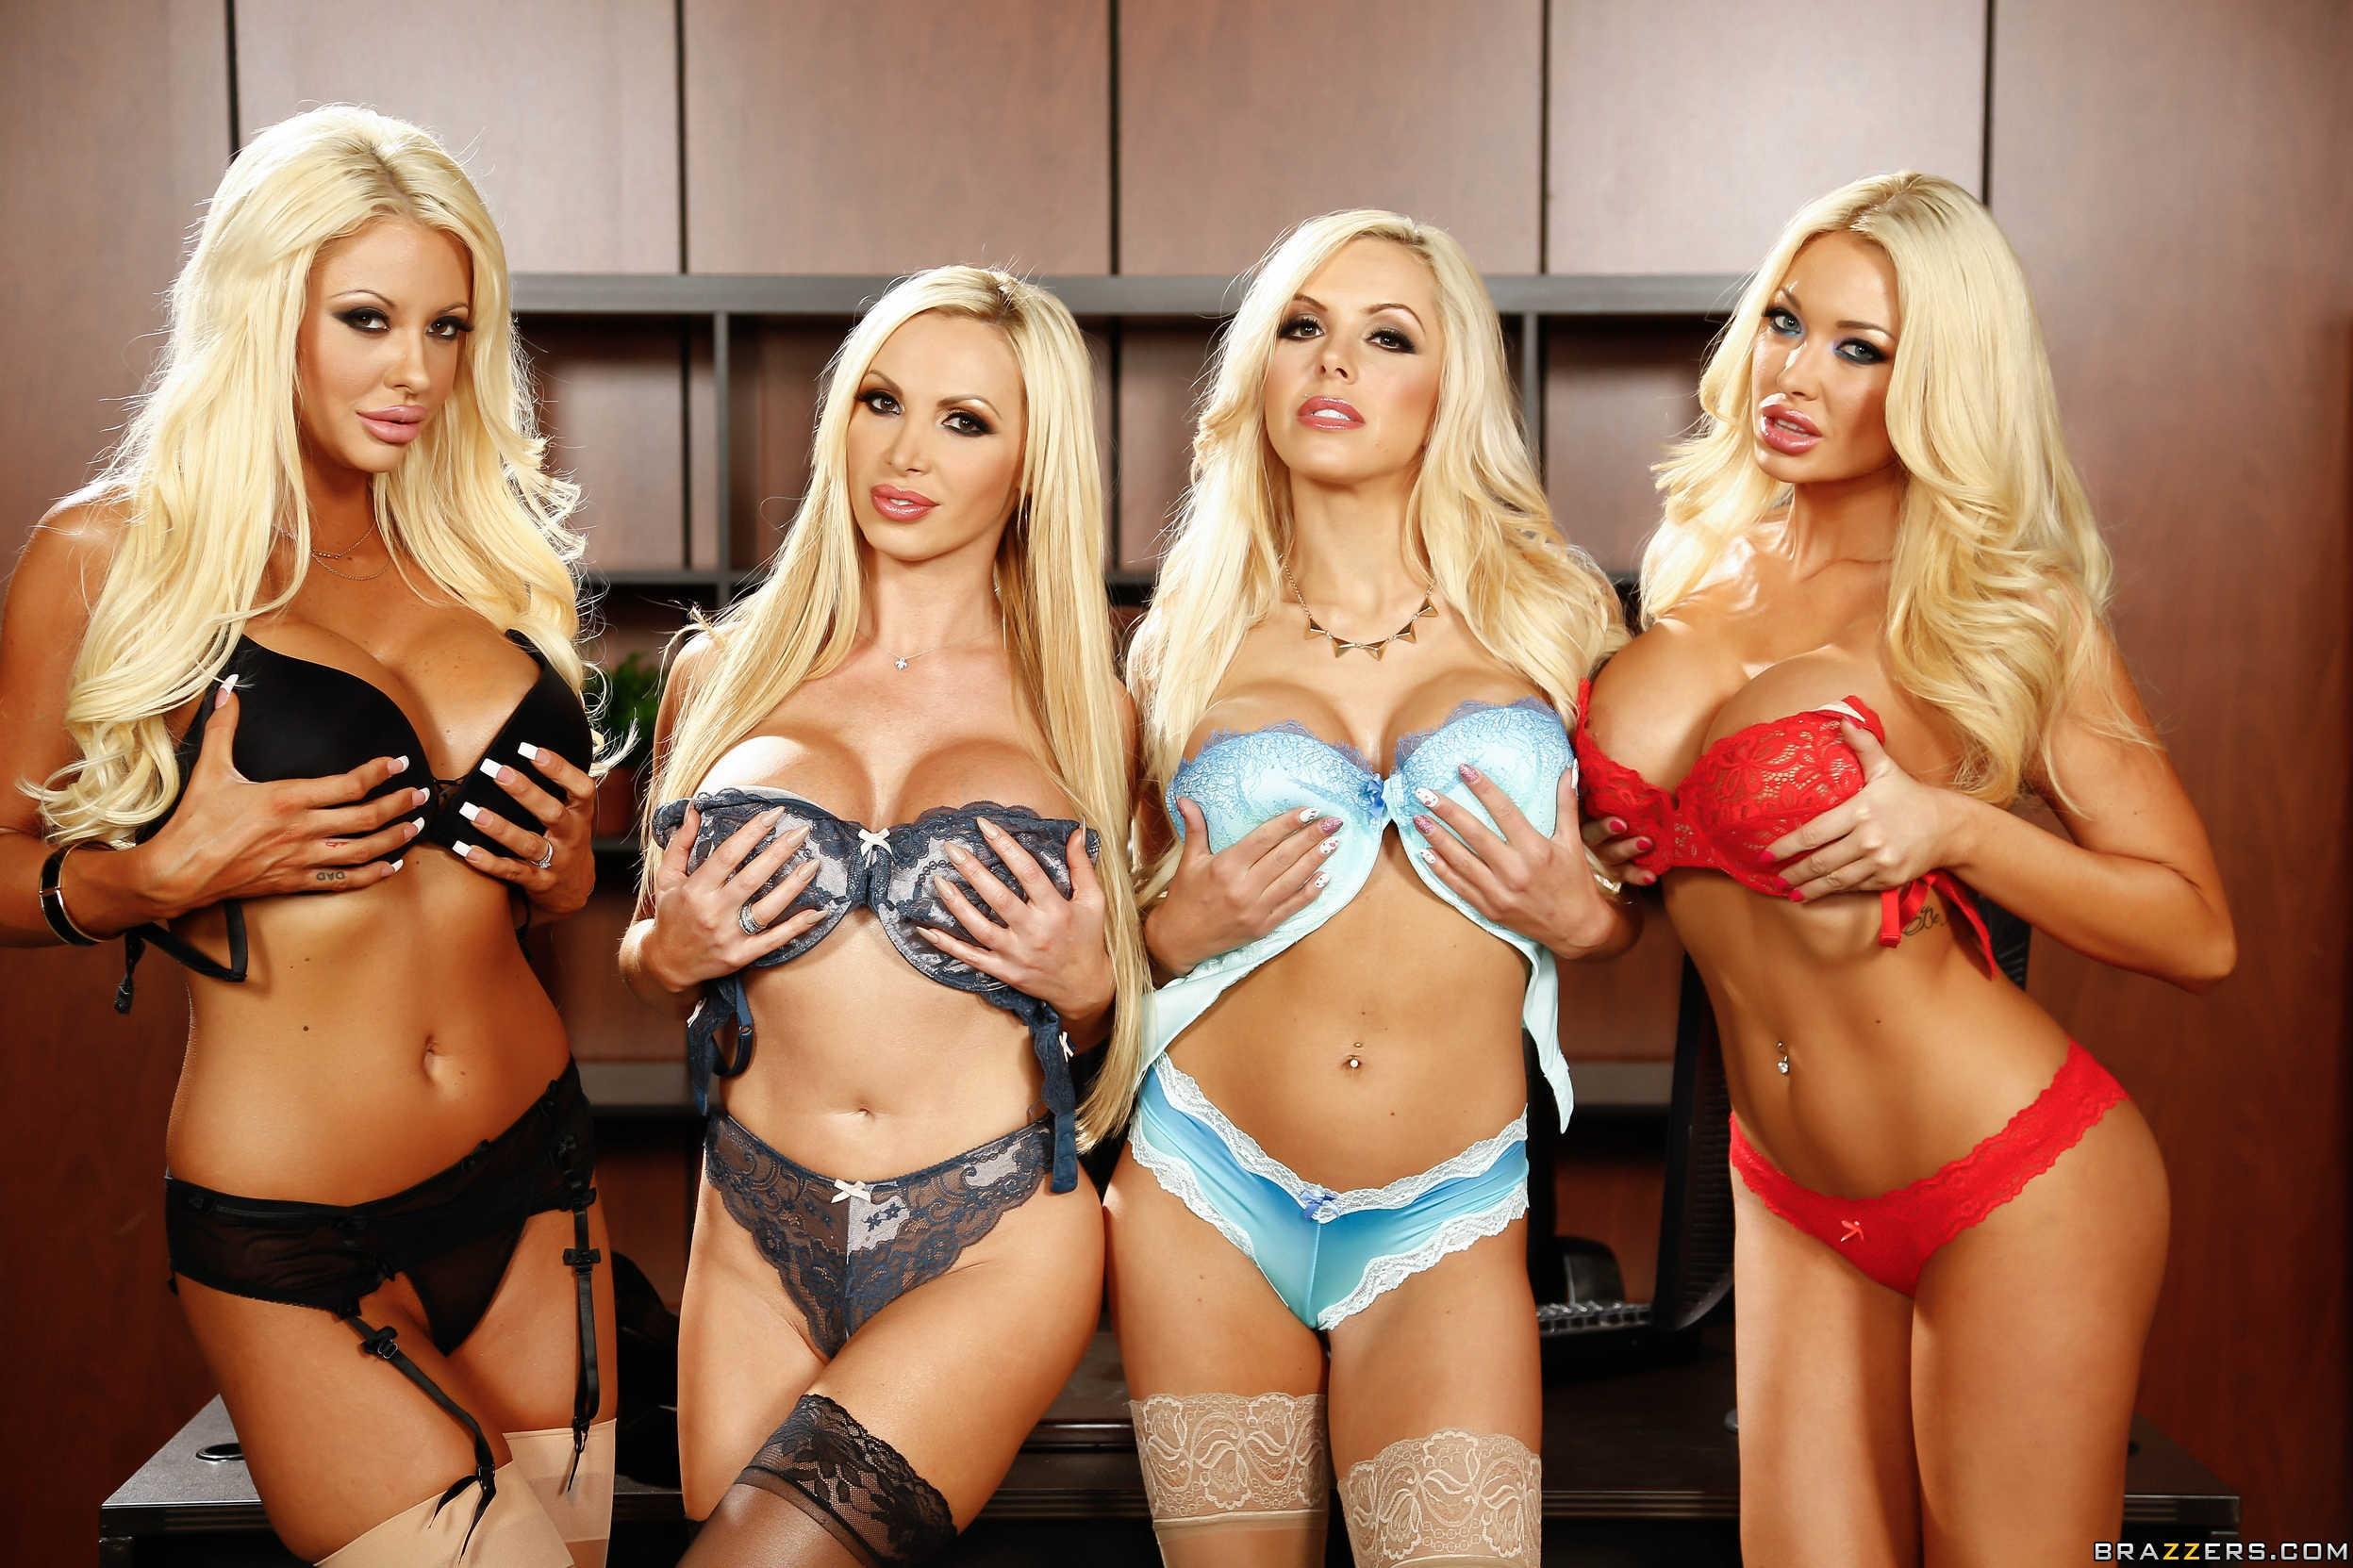 New sensations jonni hennessy mick blue jpeg pornstar gand download sex hq pics